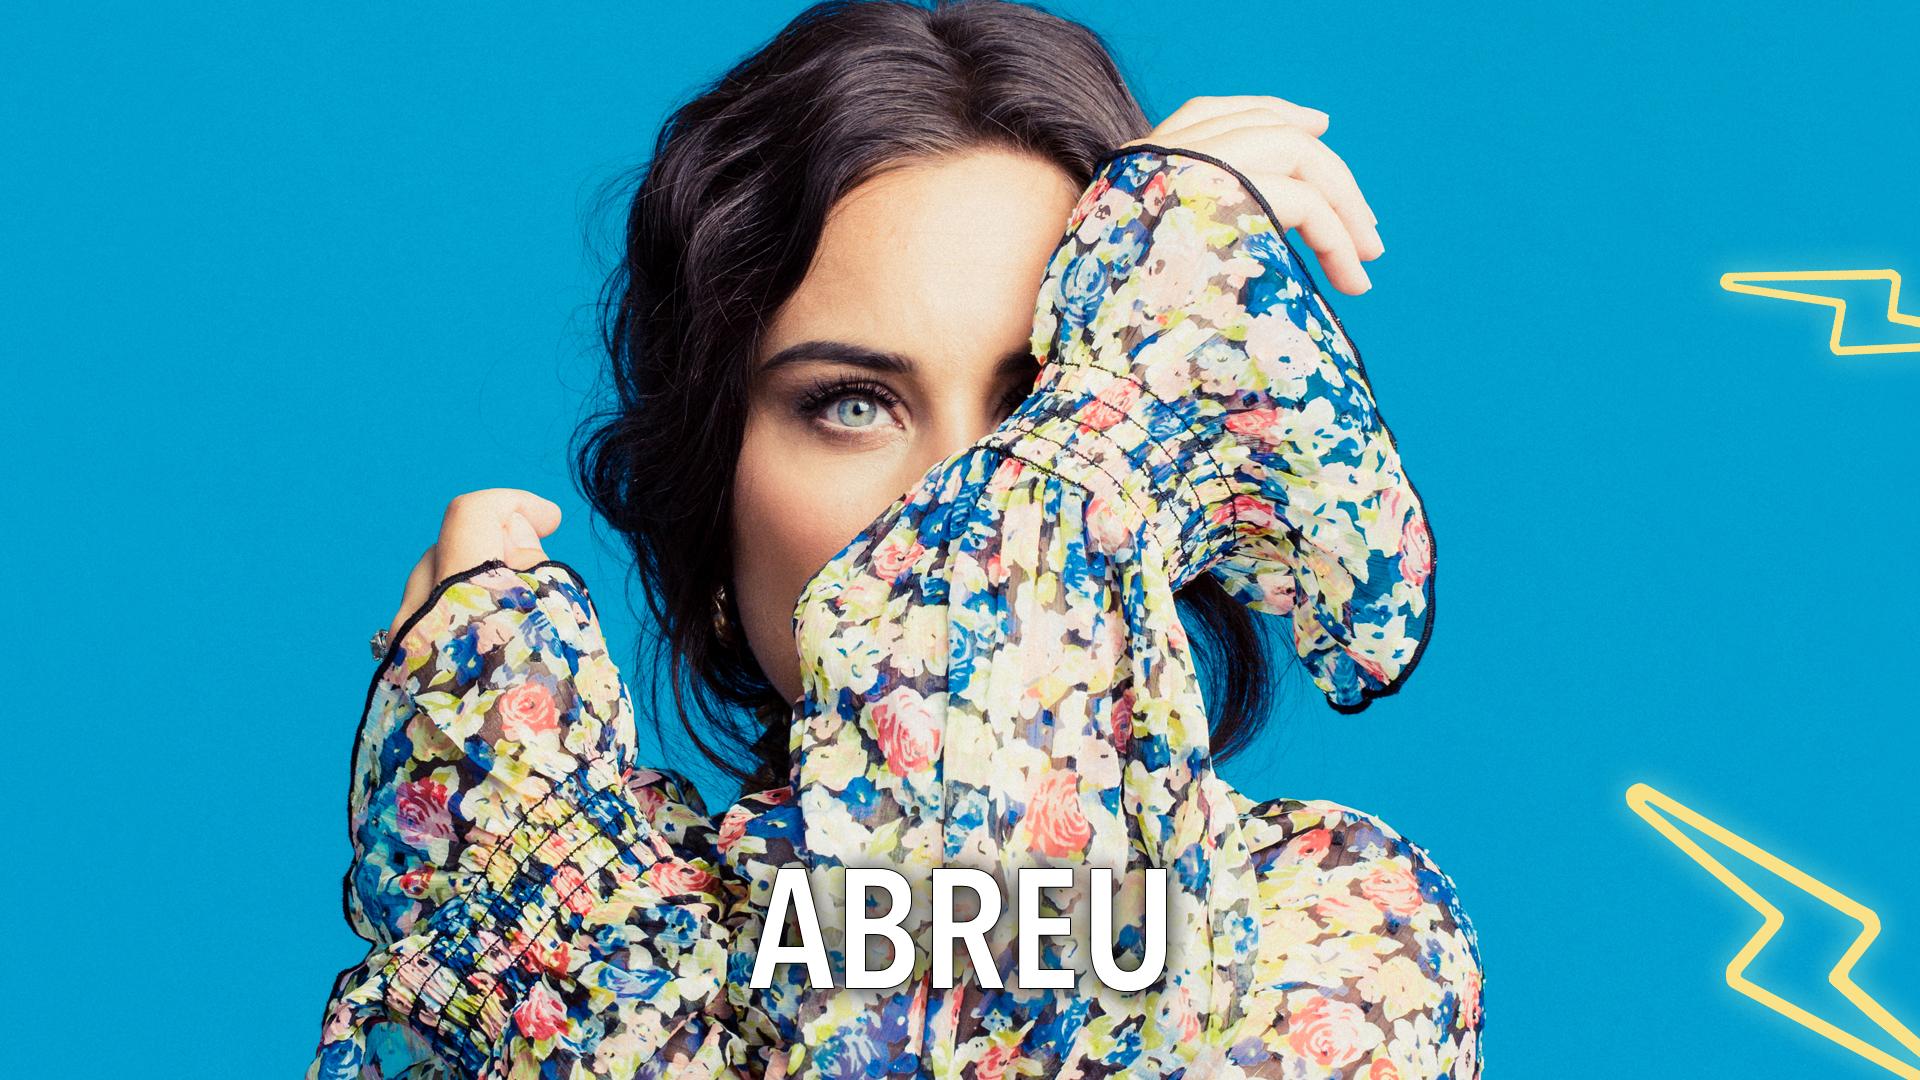 ABREU_1920x1080